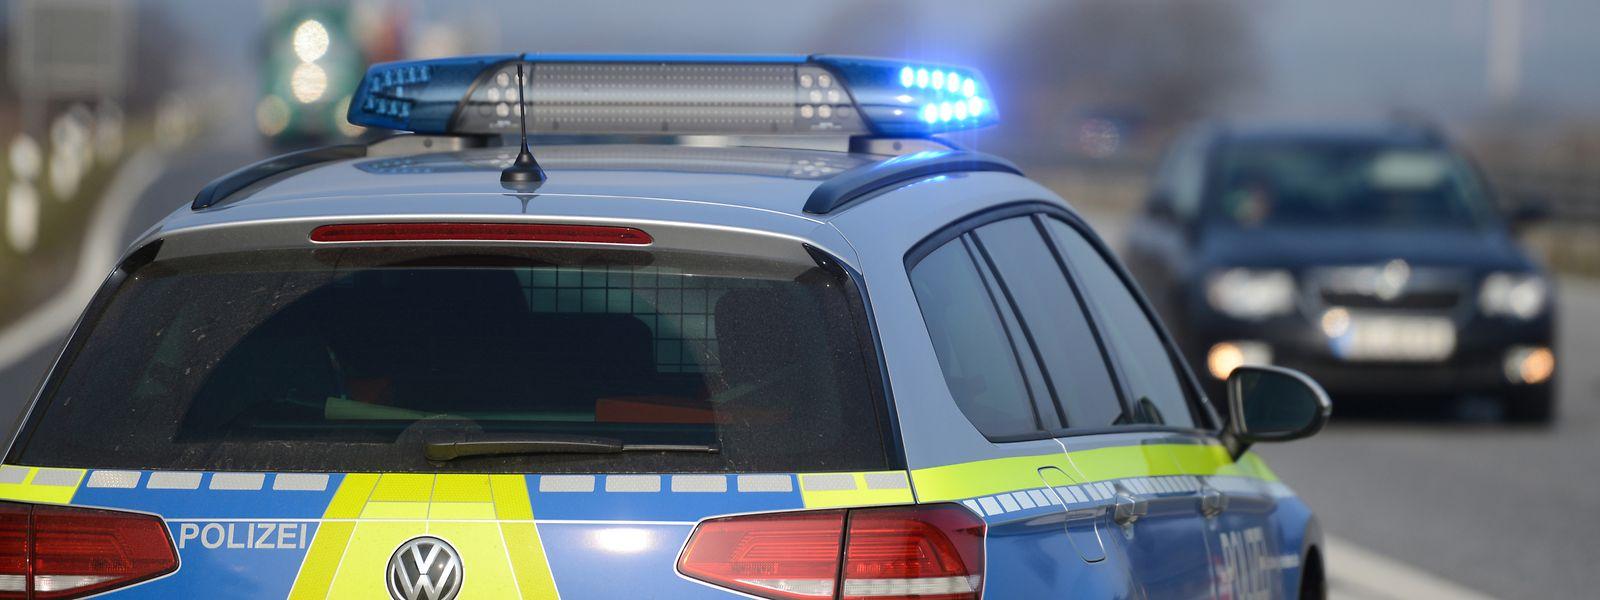 In Rheinland-Pfalz wurde ein mit einer Axt bewaffneter Mann von der Polizei erschossen. (Symbolbild)